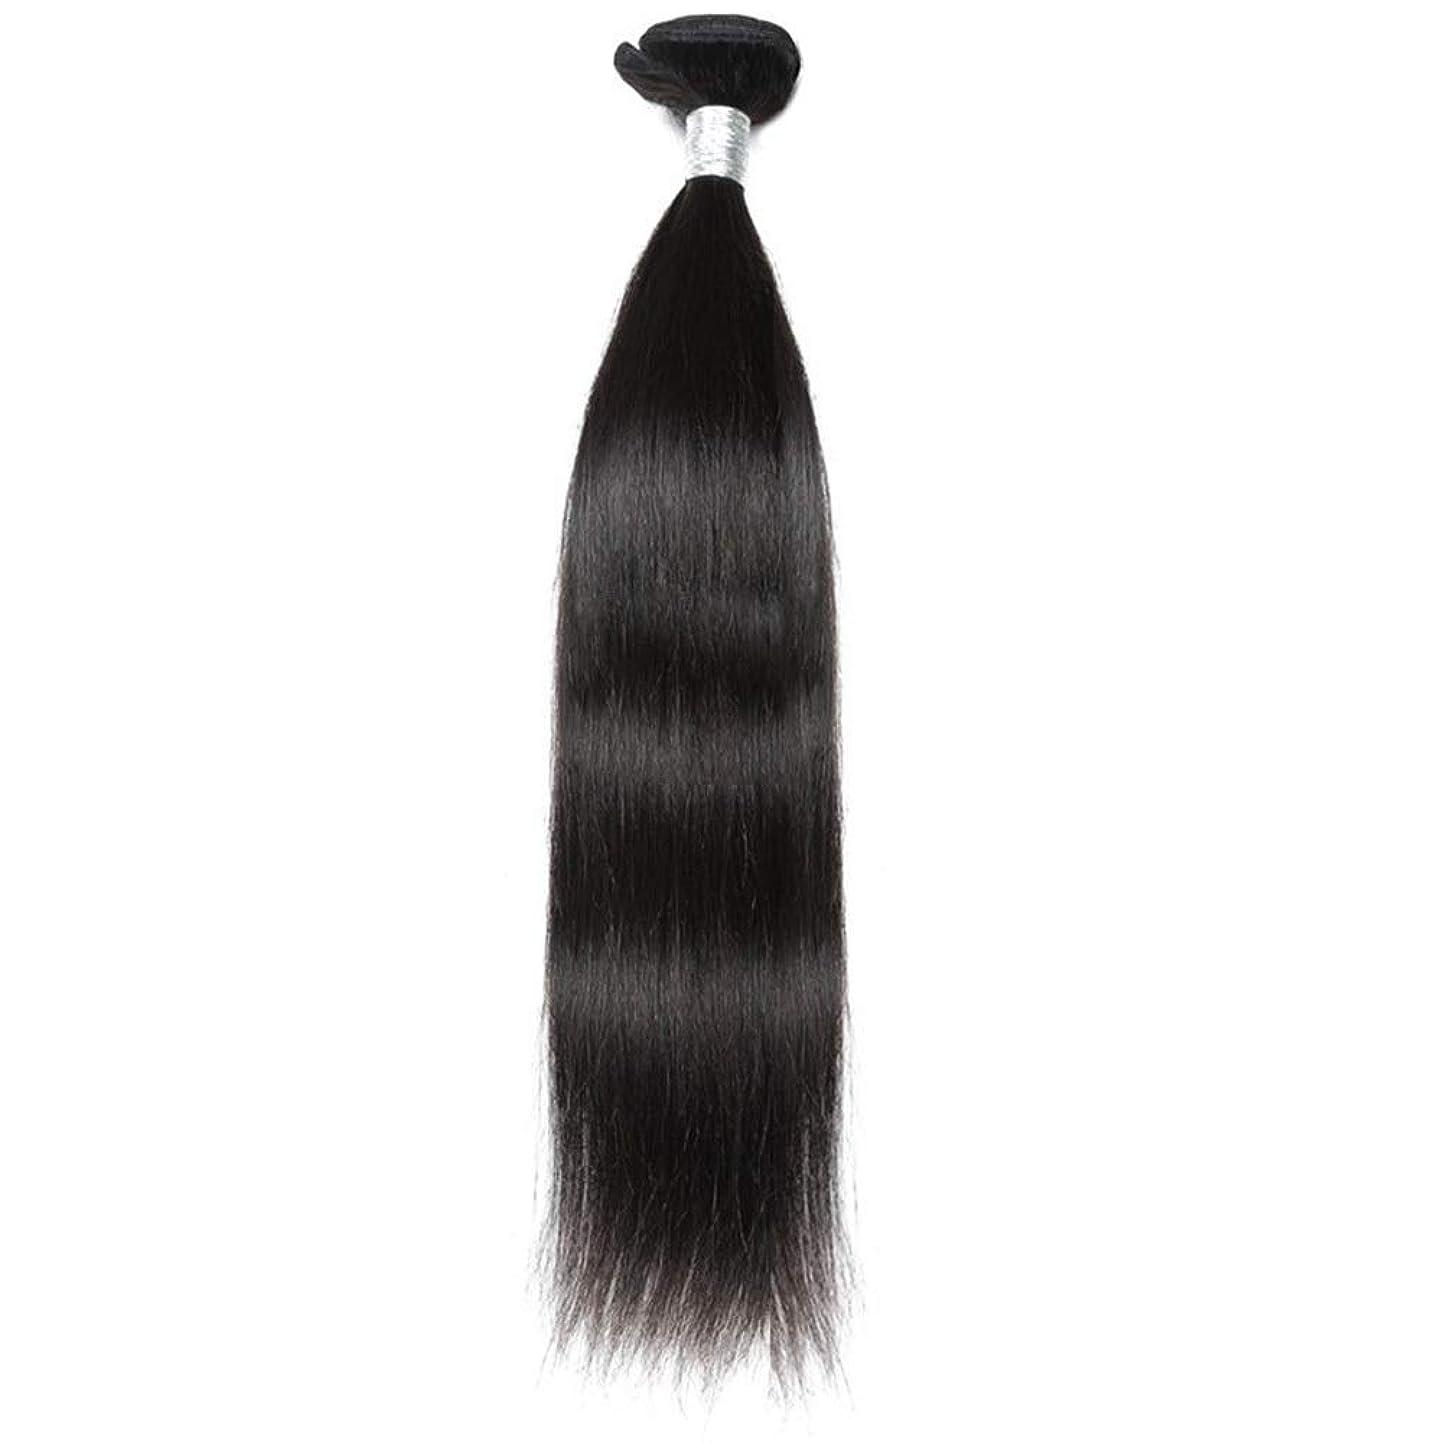 欠席アボート一過性BOBIDYEE ブラジルのバージンヘア9Aグレード絹のようなストレート人間の髪の毛の織り方1バンドルナチュラルカラーヘアエクステンション(10インチ-26インチ)合成髪レースかつらロールプレイングウィッグストレートシリンダーショートスタイル女性自然 (色 : 黒, サイズ : 12 inch)